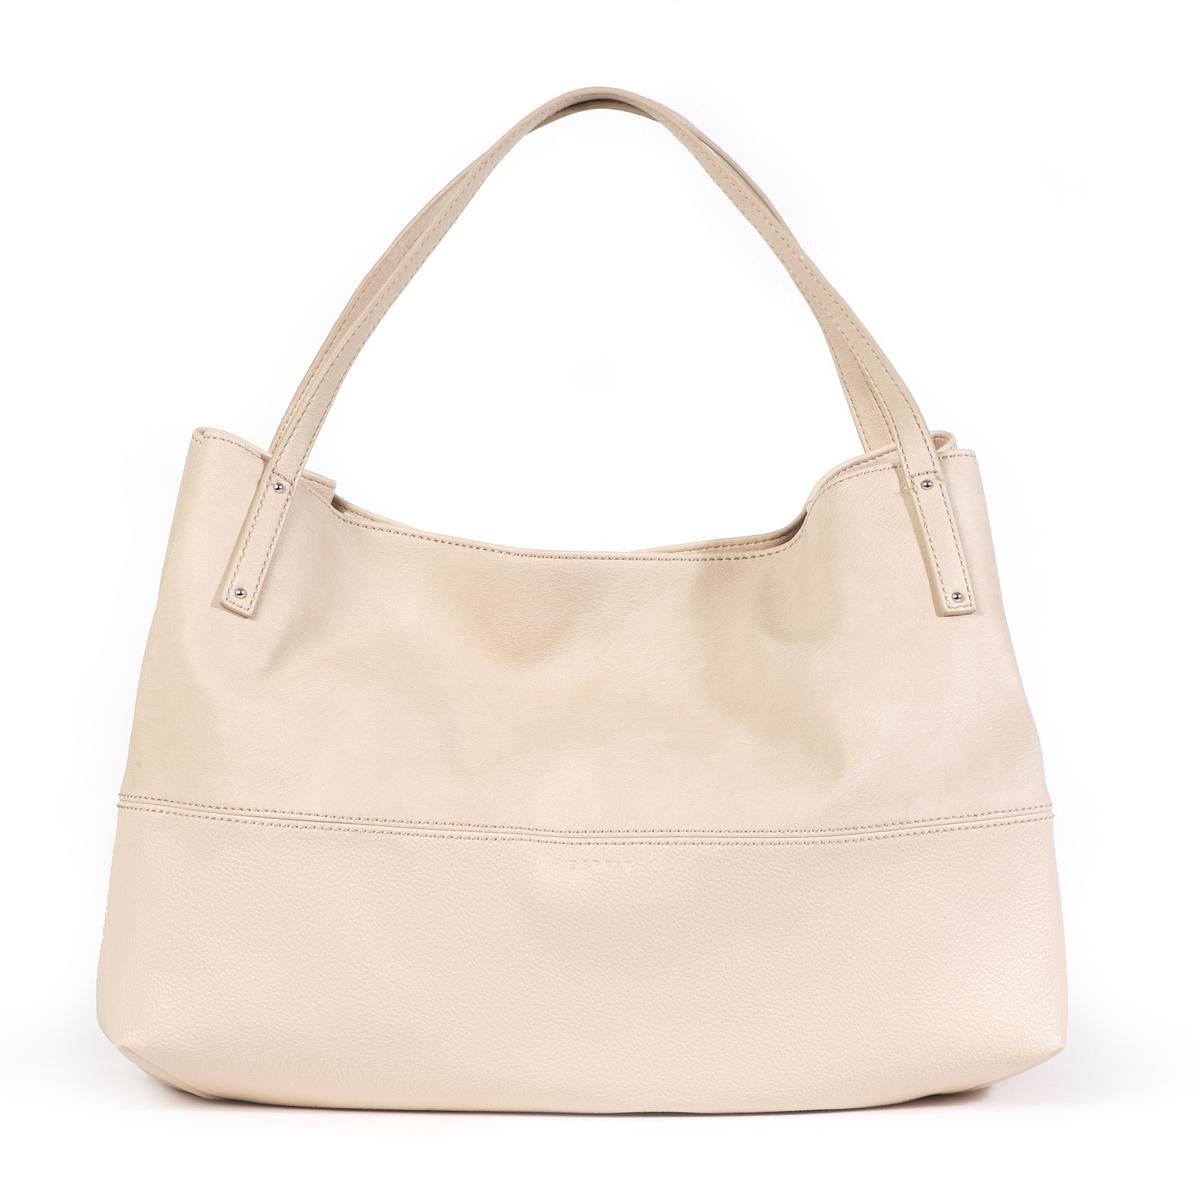 Сумка через плечо TracyОписание:Изящную сумку Esprit можно носить как в руках, так и на плече !Состав и описание : •  Материал : верх из полиуретана                        Подкладка из полиэстера. •  Марка : Esprit •  Модель : Tracy •  Размер : 28 x 40 x 18 см •  Застежка : на клипсу1 внутренний карман Можно носить через плечо<br><br>Цвет: бежевый<br>Размер: единый размер